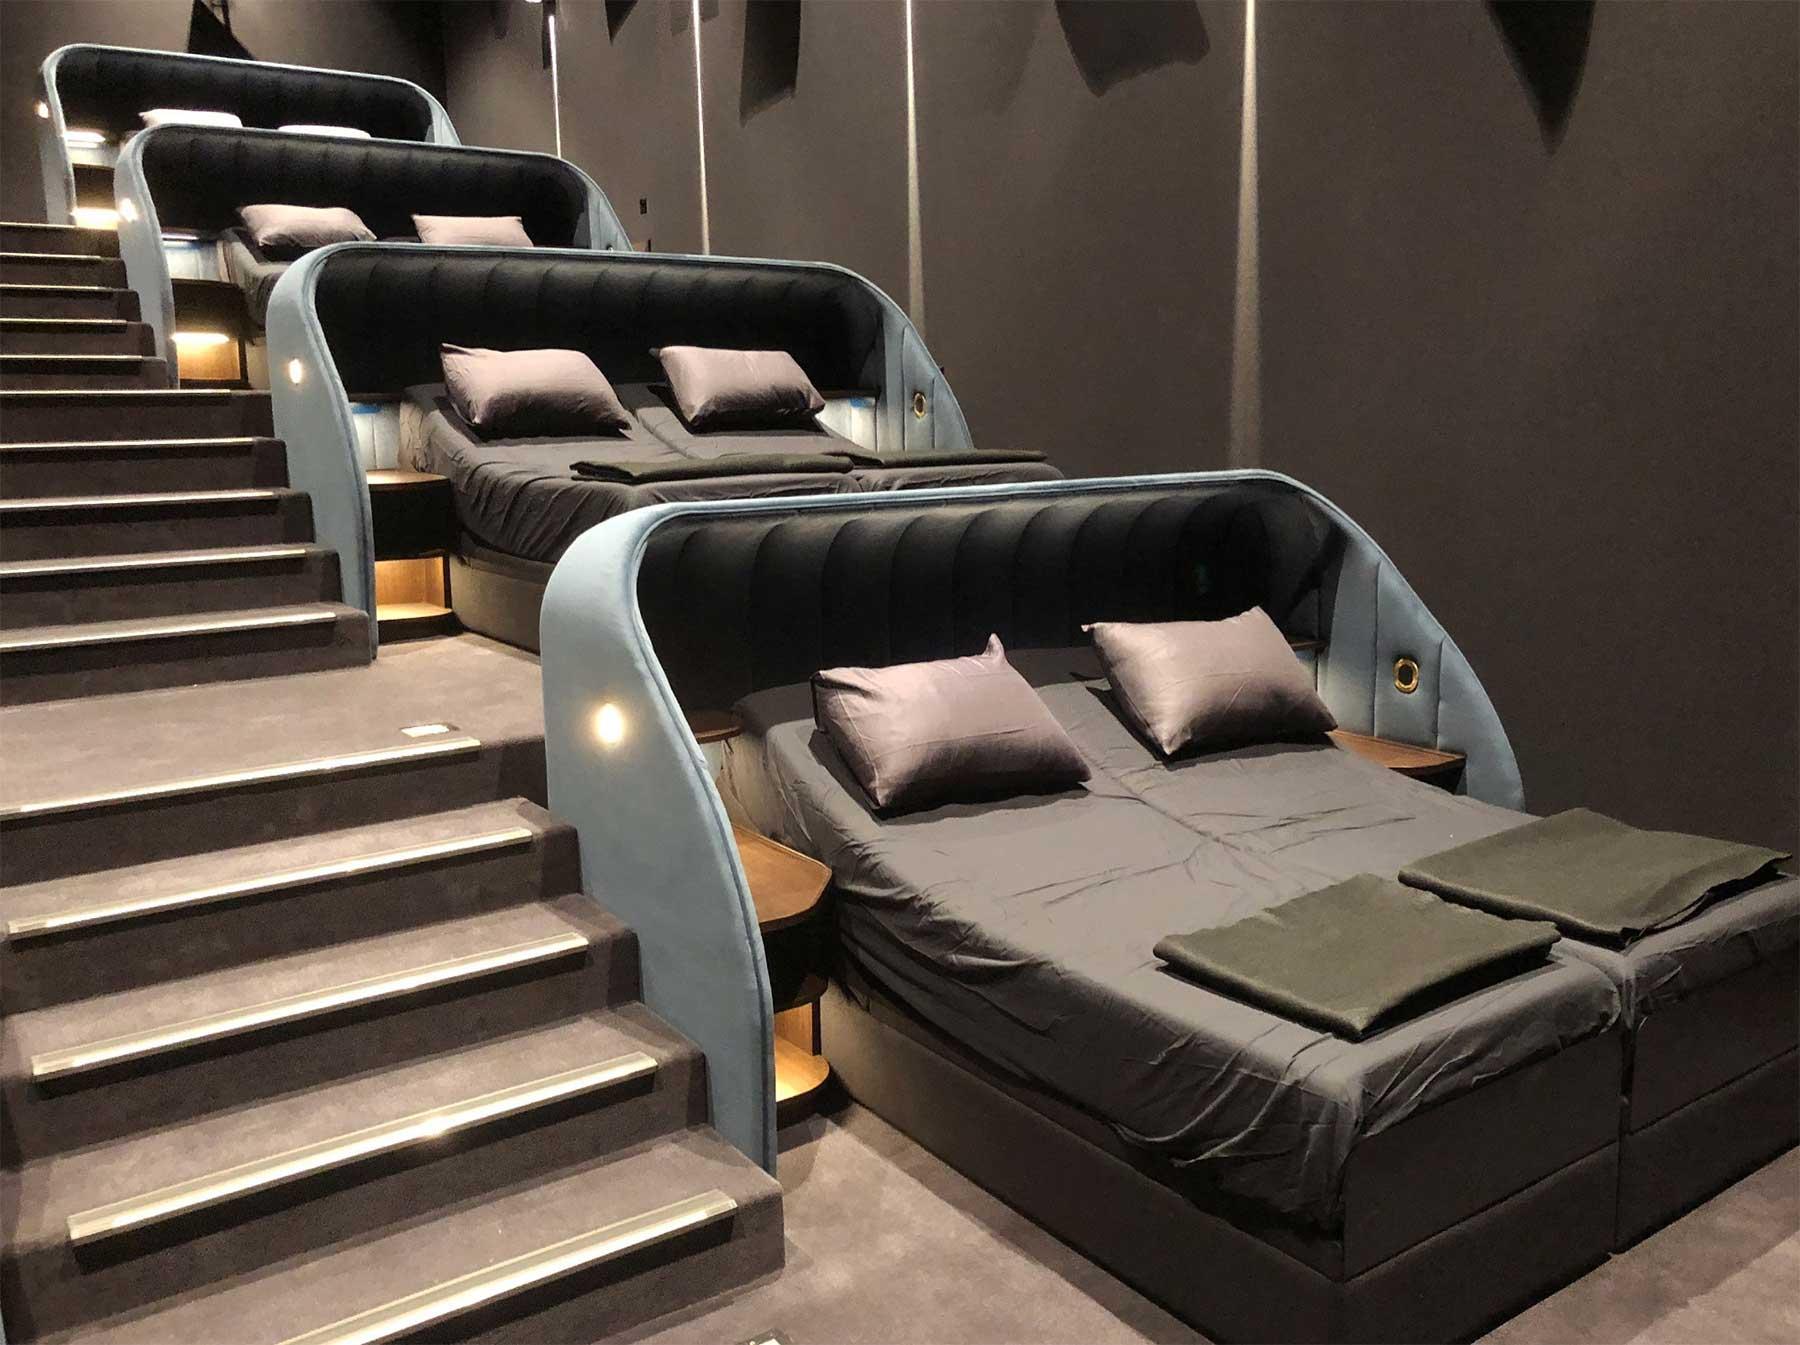 Kino Mit Betten